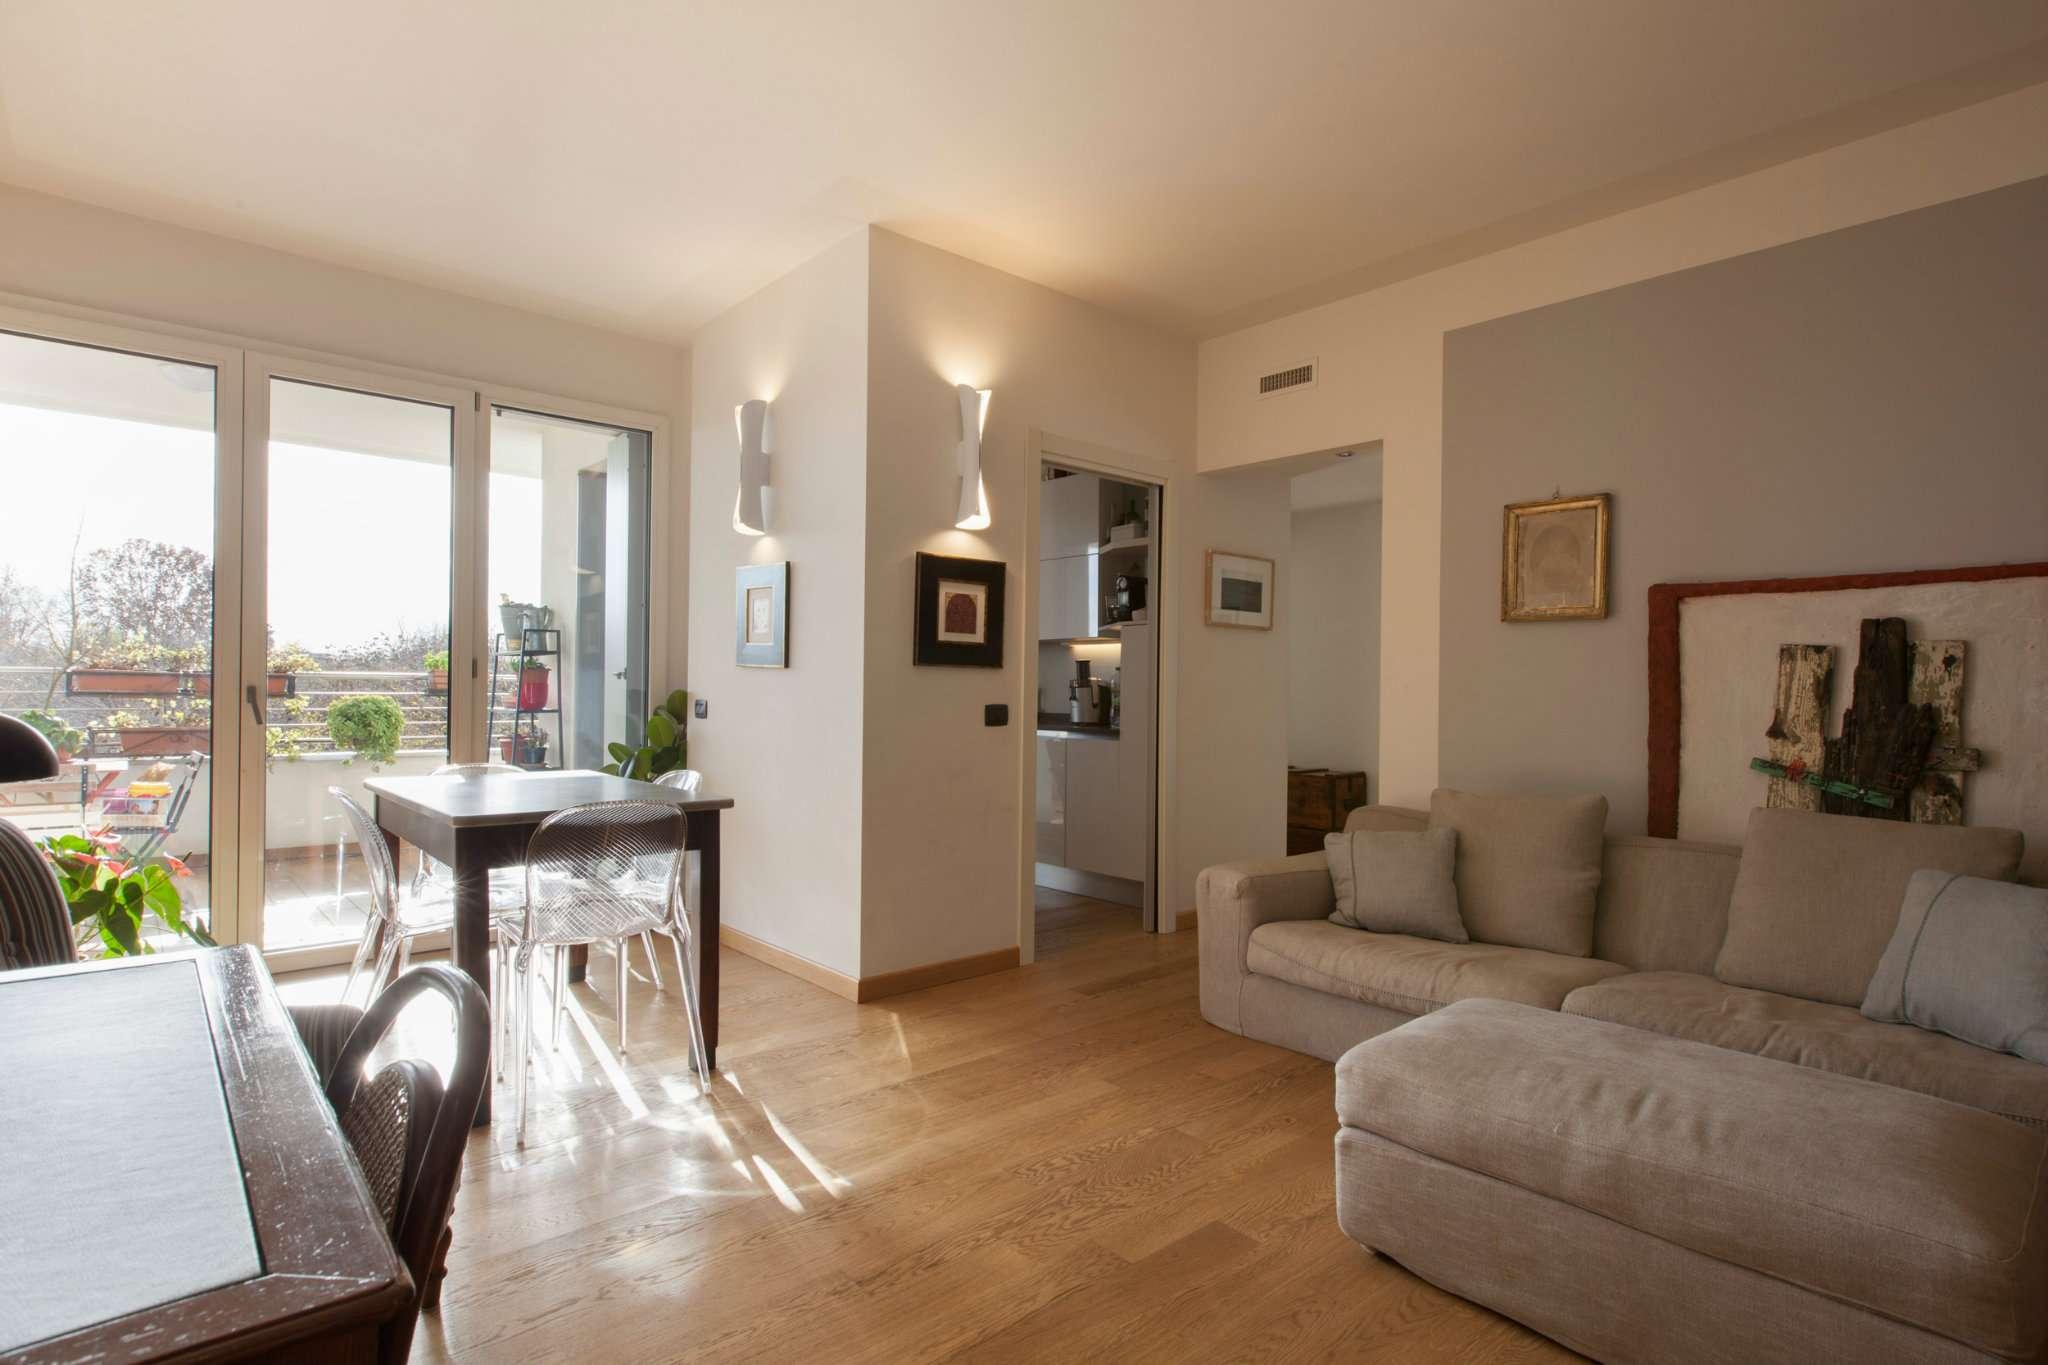 Vendita case e appartamenti a milano - Pianeta casa immobiliare padova ...